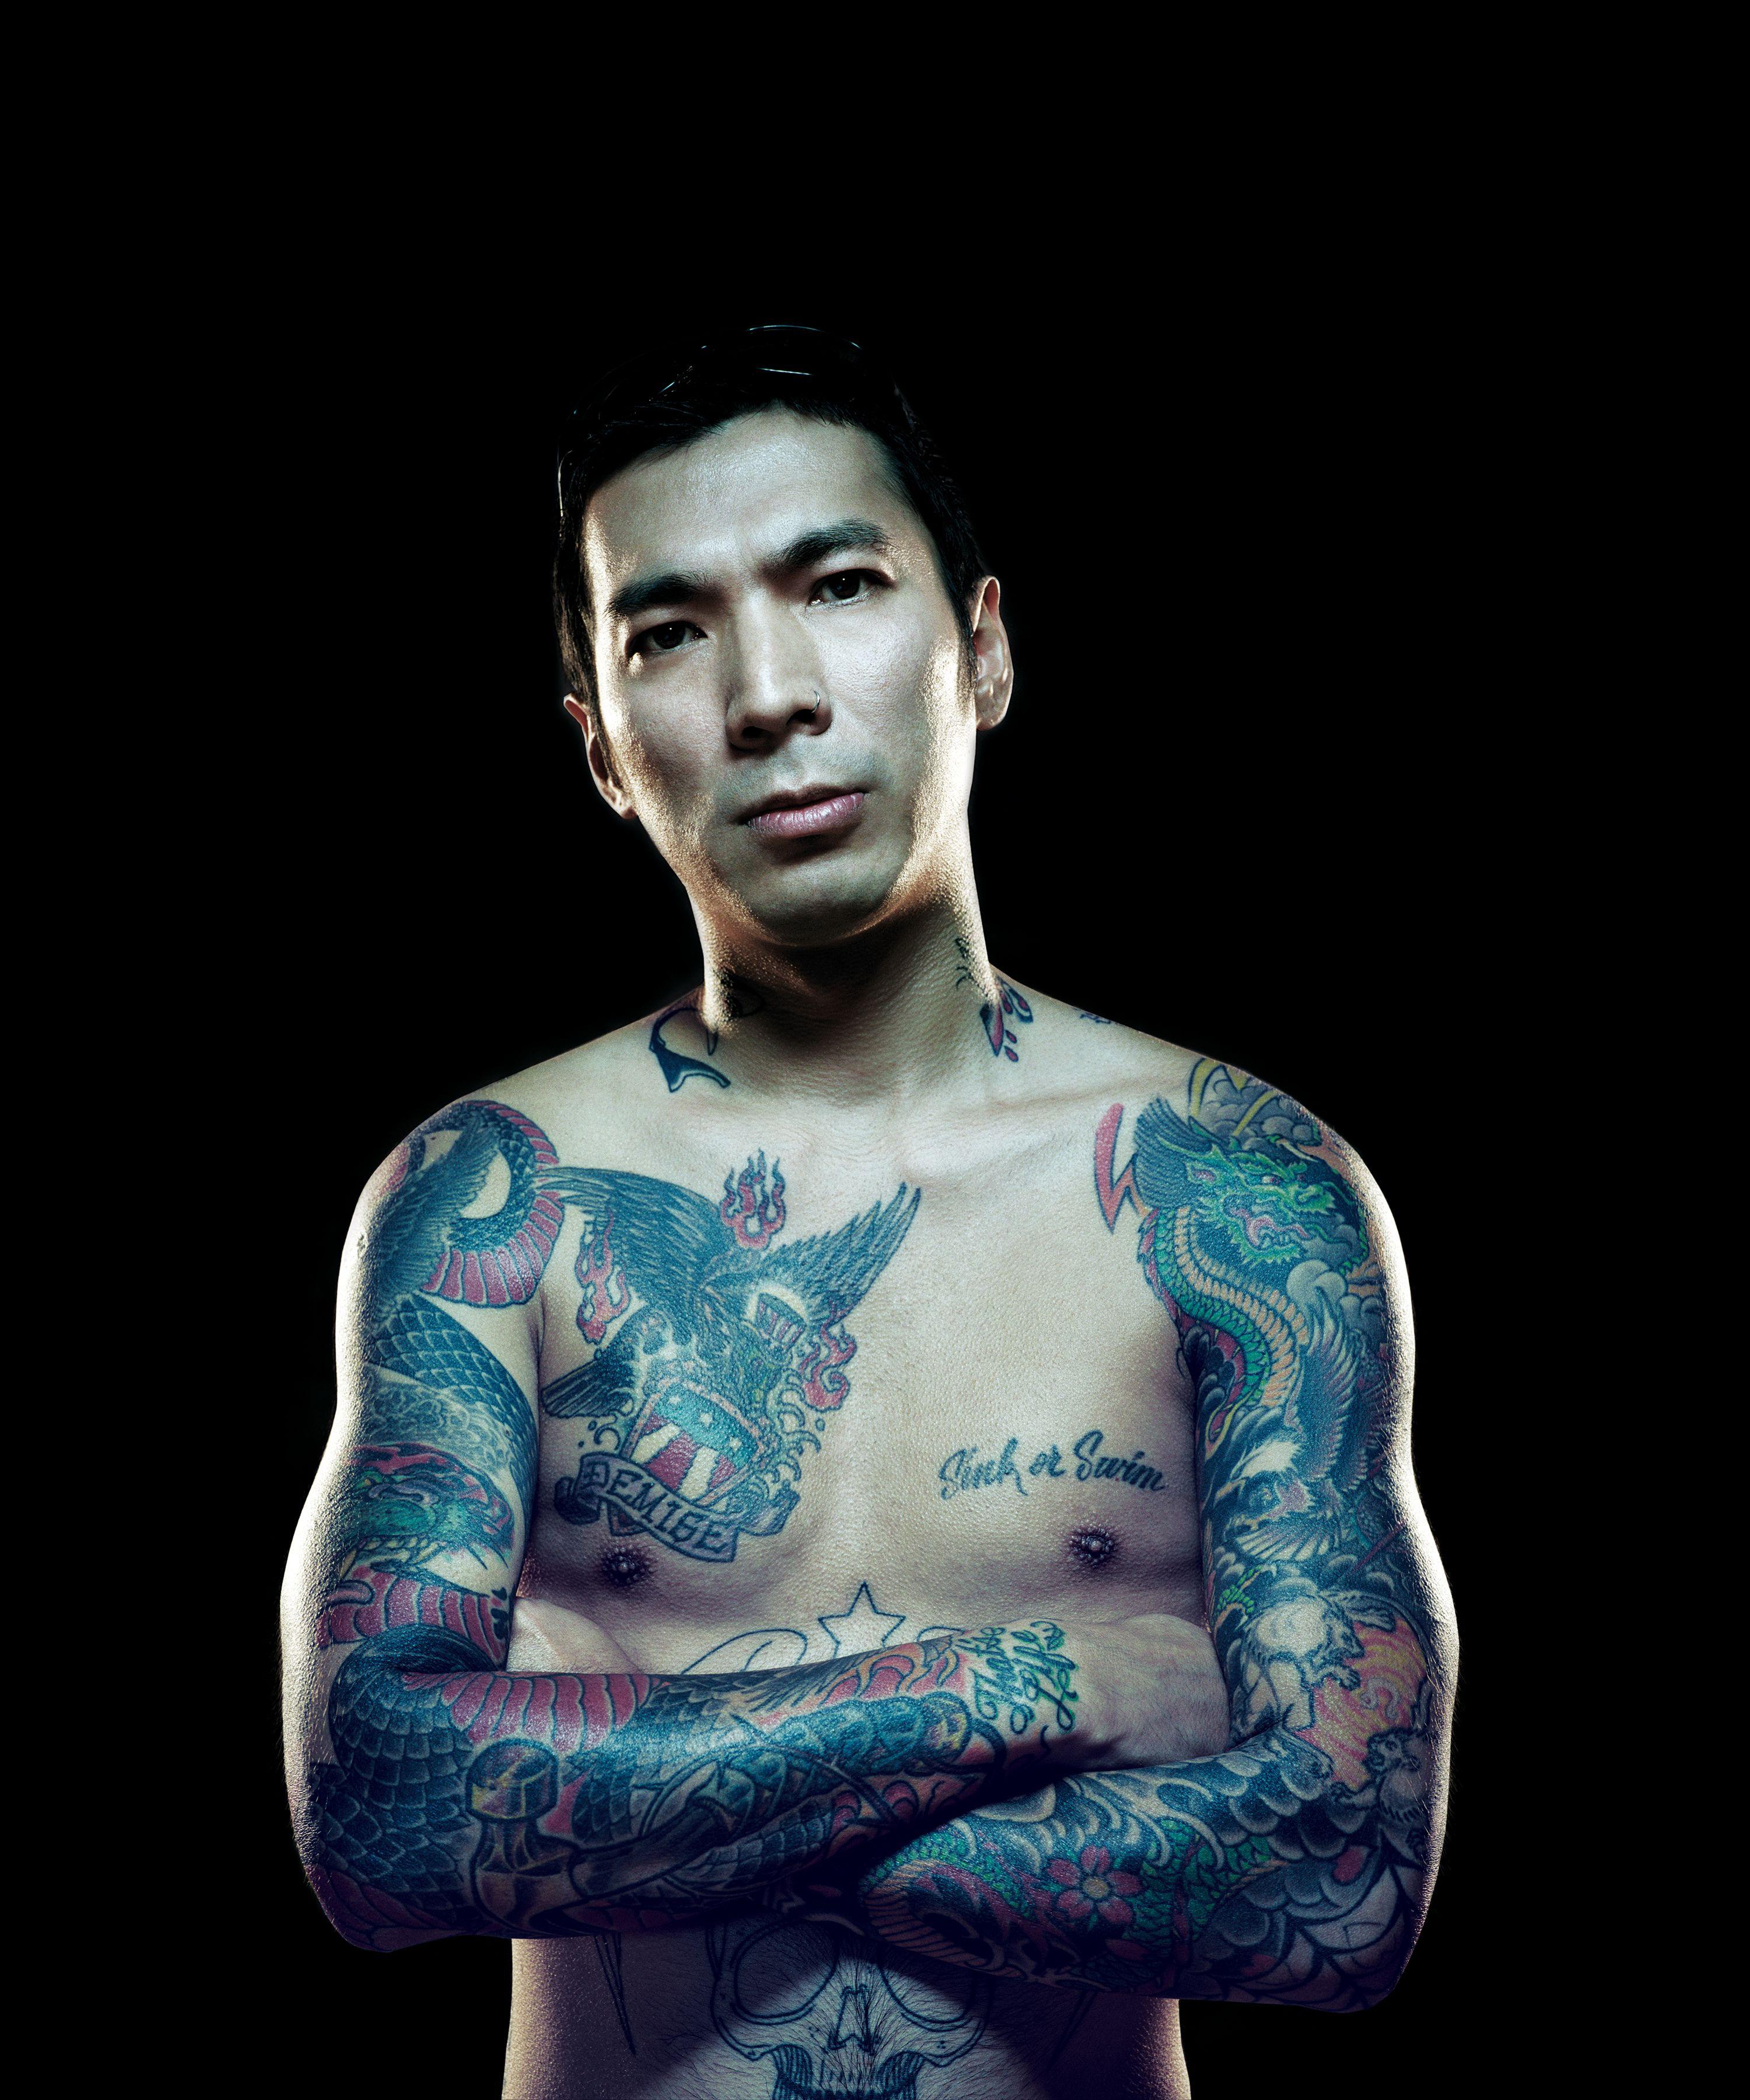 Image of tattoo artist Yoji Harada from TLC\'s \